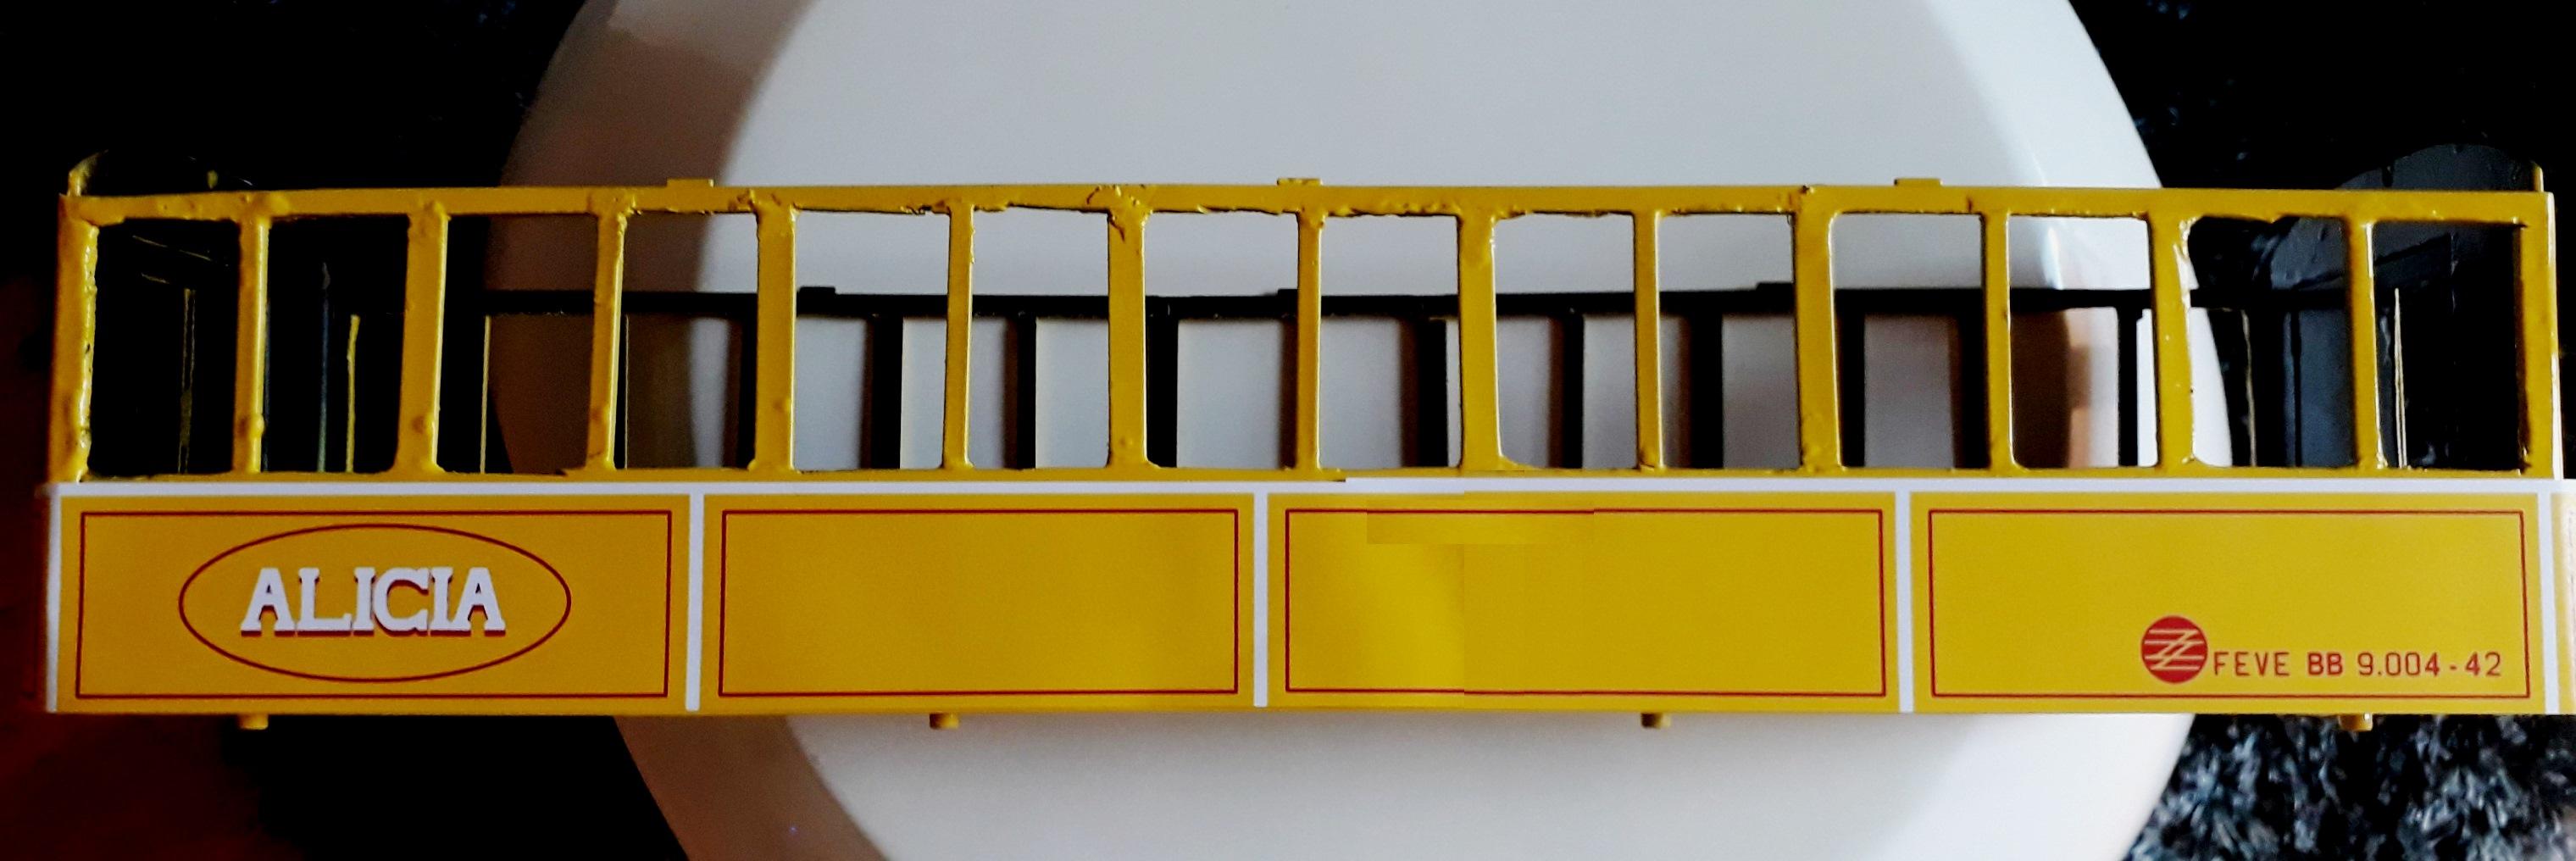 Construcció dels cotxes de viatgers Carcaixent-Dénia (Limón Exprès) a partir de vagons LGB - Página 4 Latera11